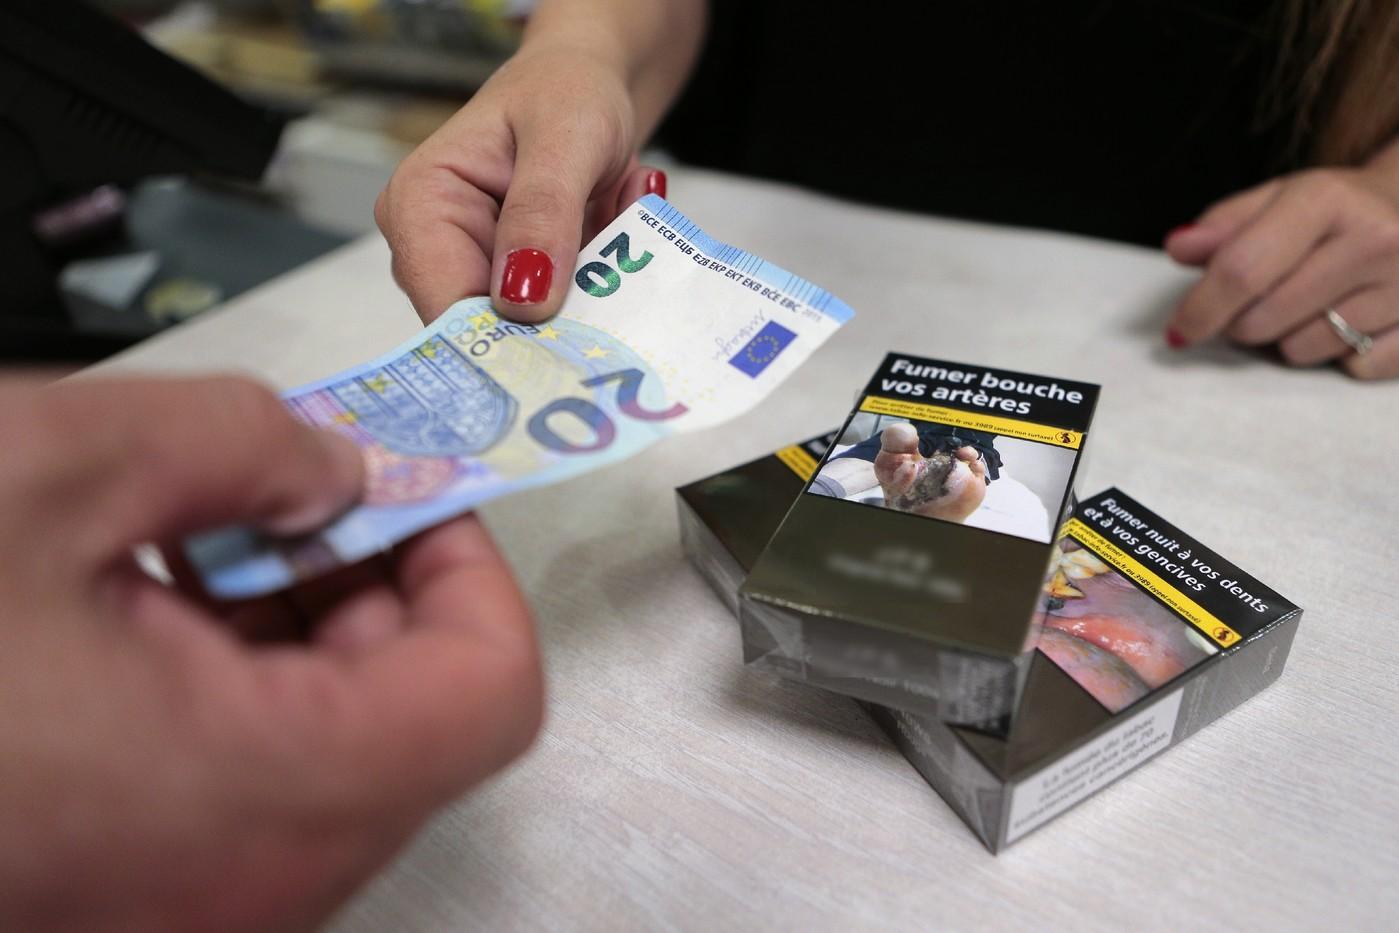 купить сигареты во франции